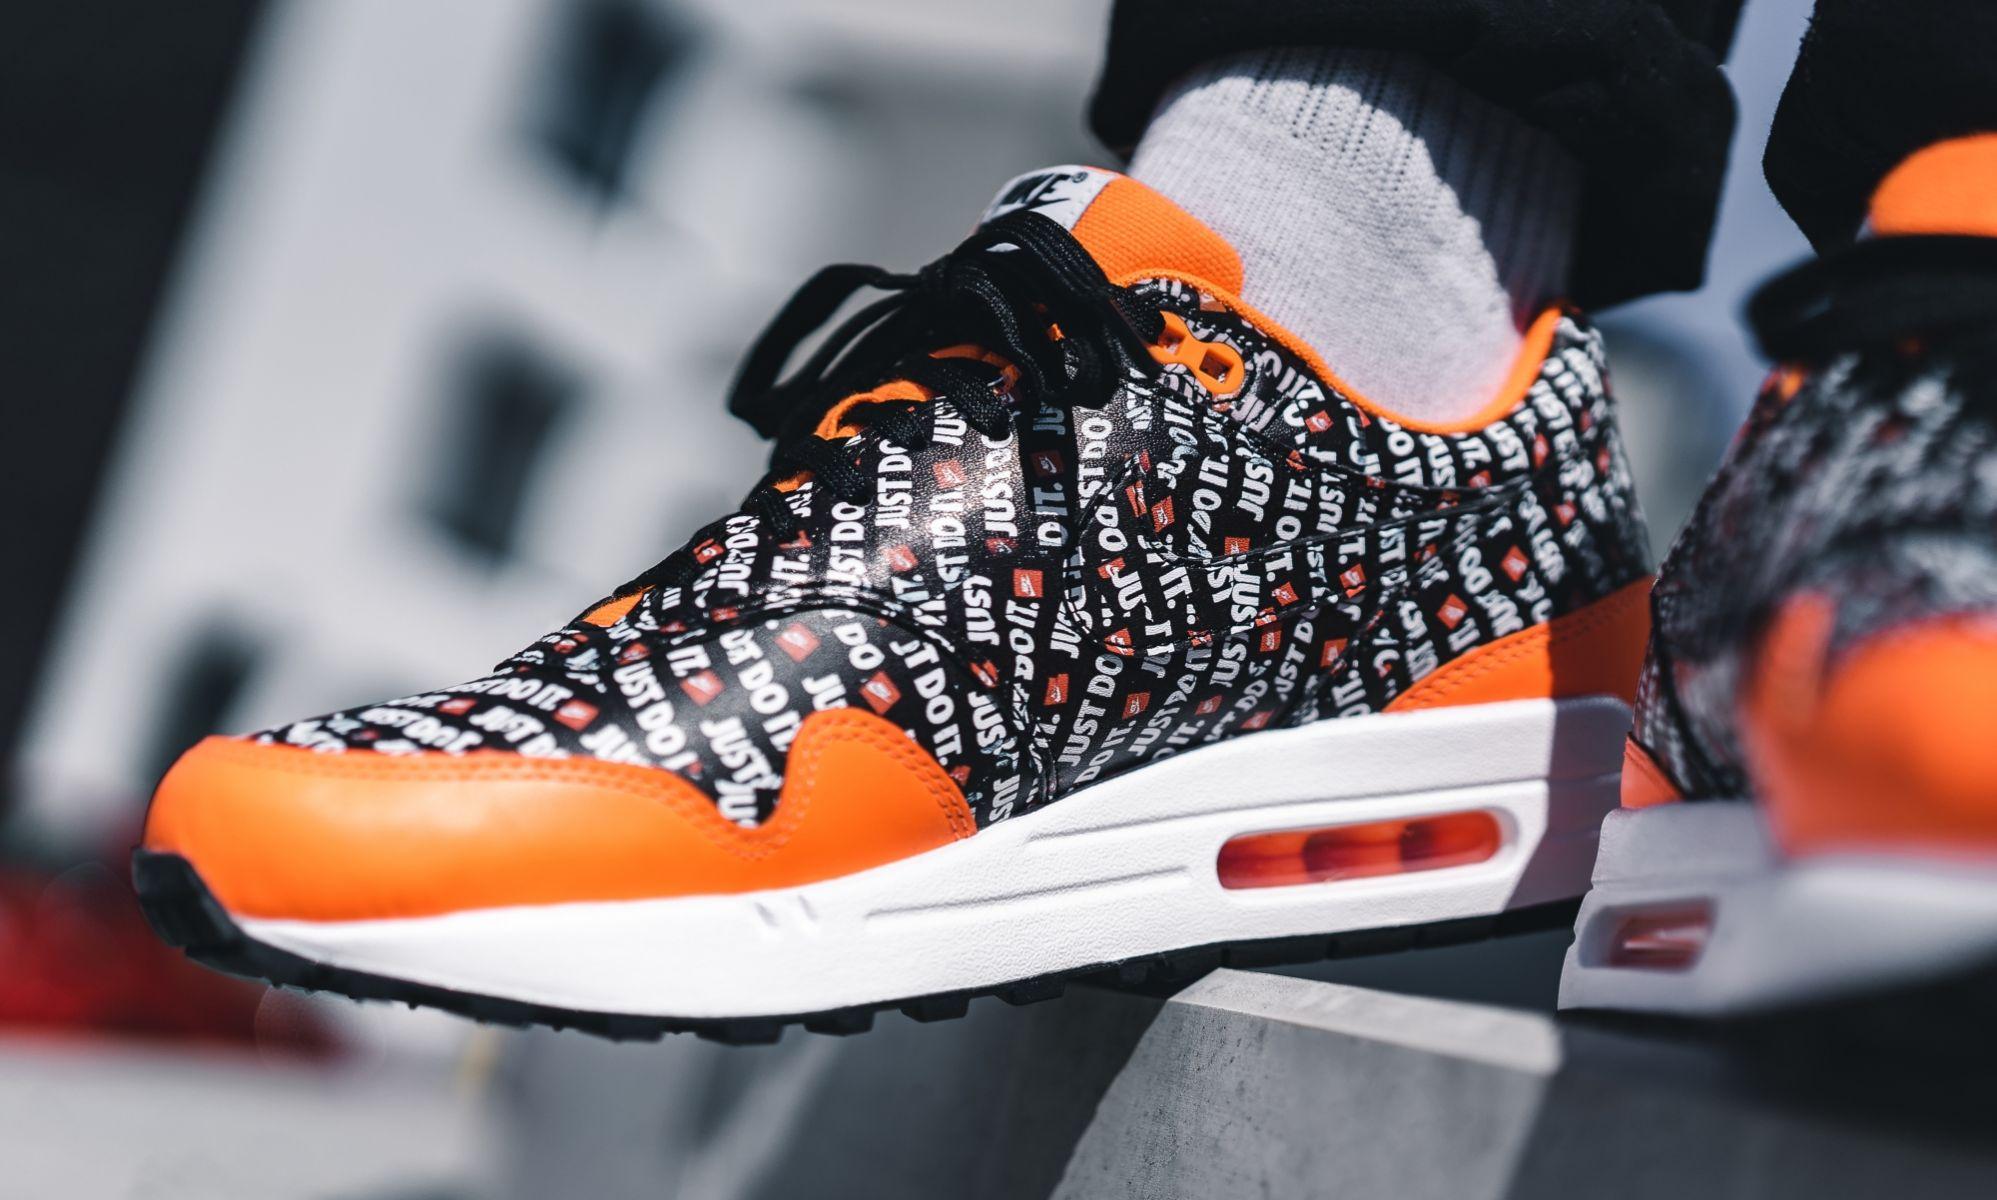 super popular 0f13b 513c1 Selbstverständlich werden im Laufe der nächsten Tage noch einige weitere  Stores hinzukommen, in denen der Nike Air Max 1 auch noch erhältlich sein  wird.